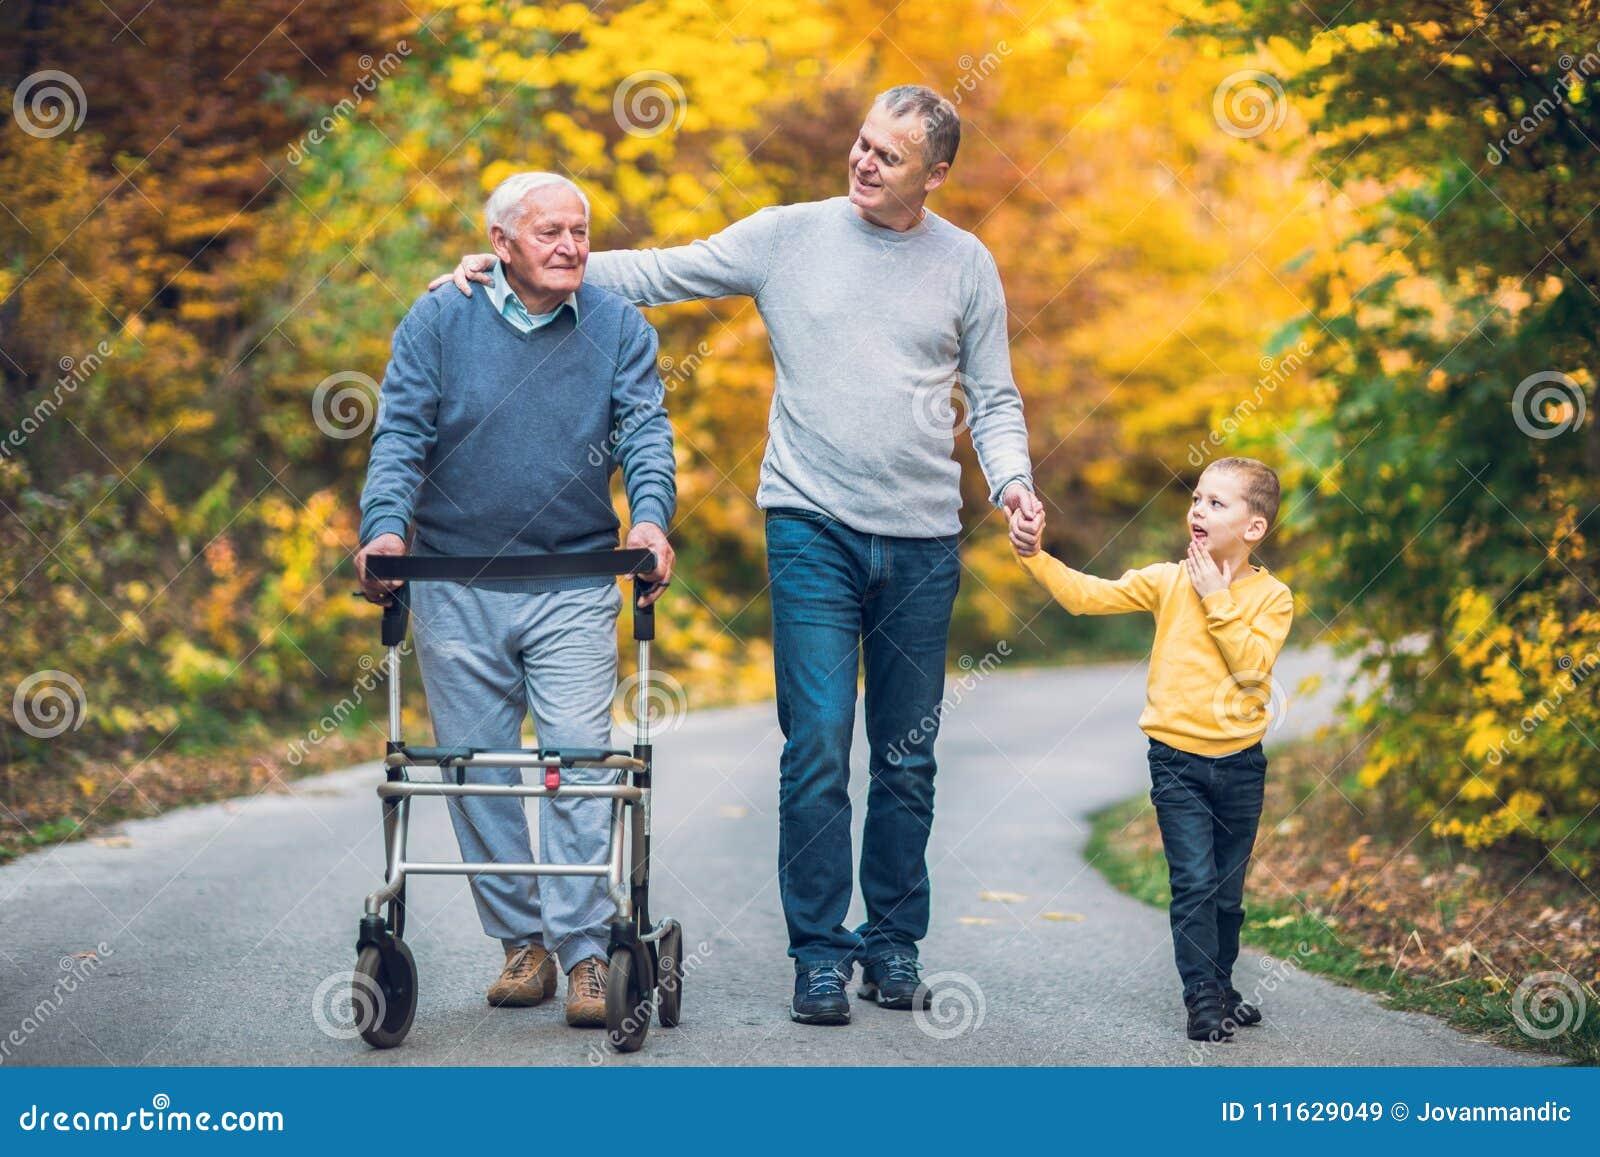 Ηλικιωμένος πατέρας, ενήλικοι γιος και εγγονός έξω για έναν περίπατο στο πάρκο